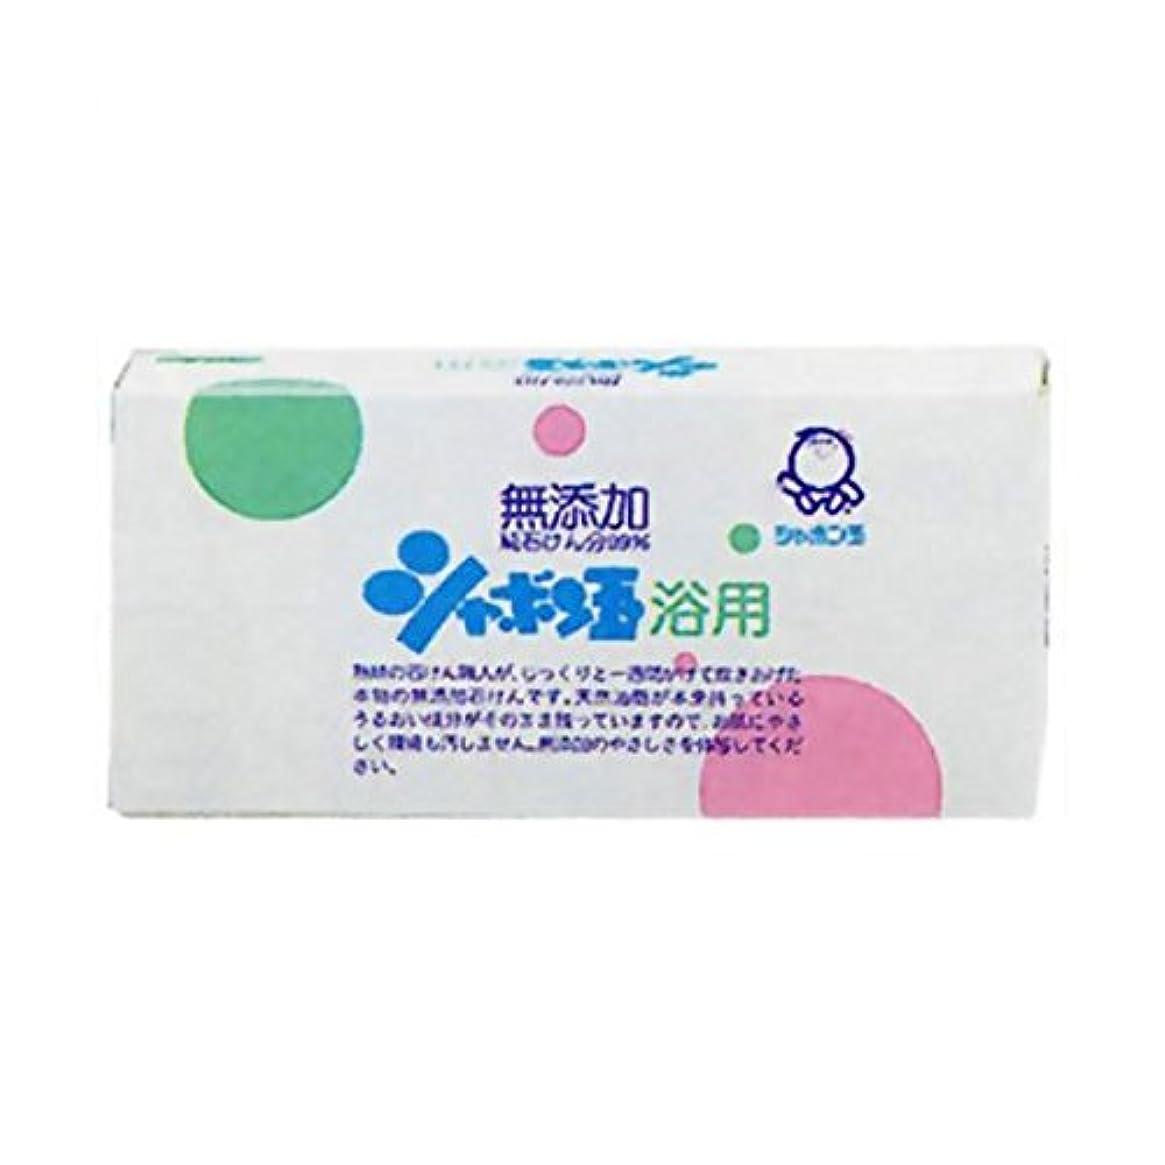 【お徳用 15 セット】 シャボン玉 浴用 石けん 100g×3個入(無添加石鹸)×15セット